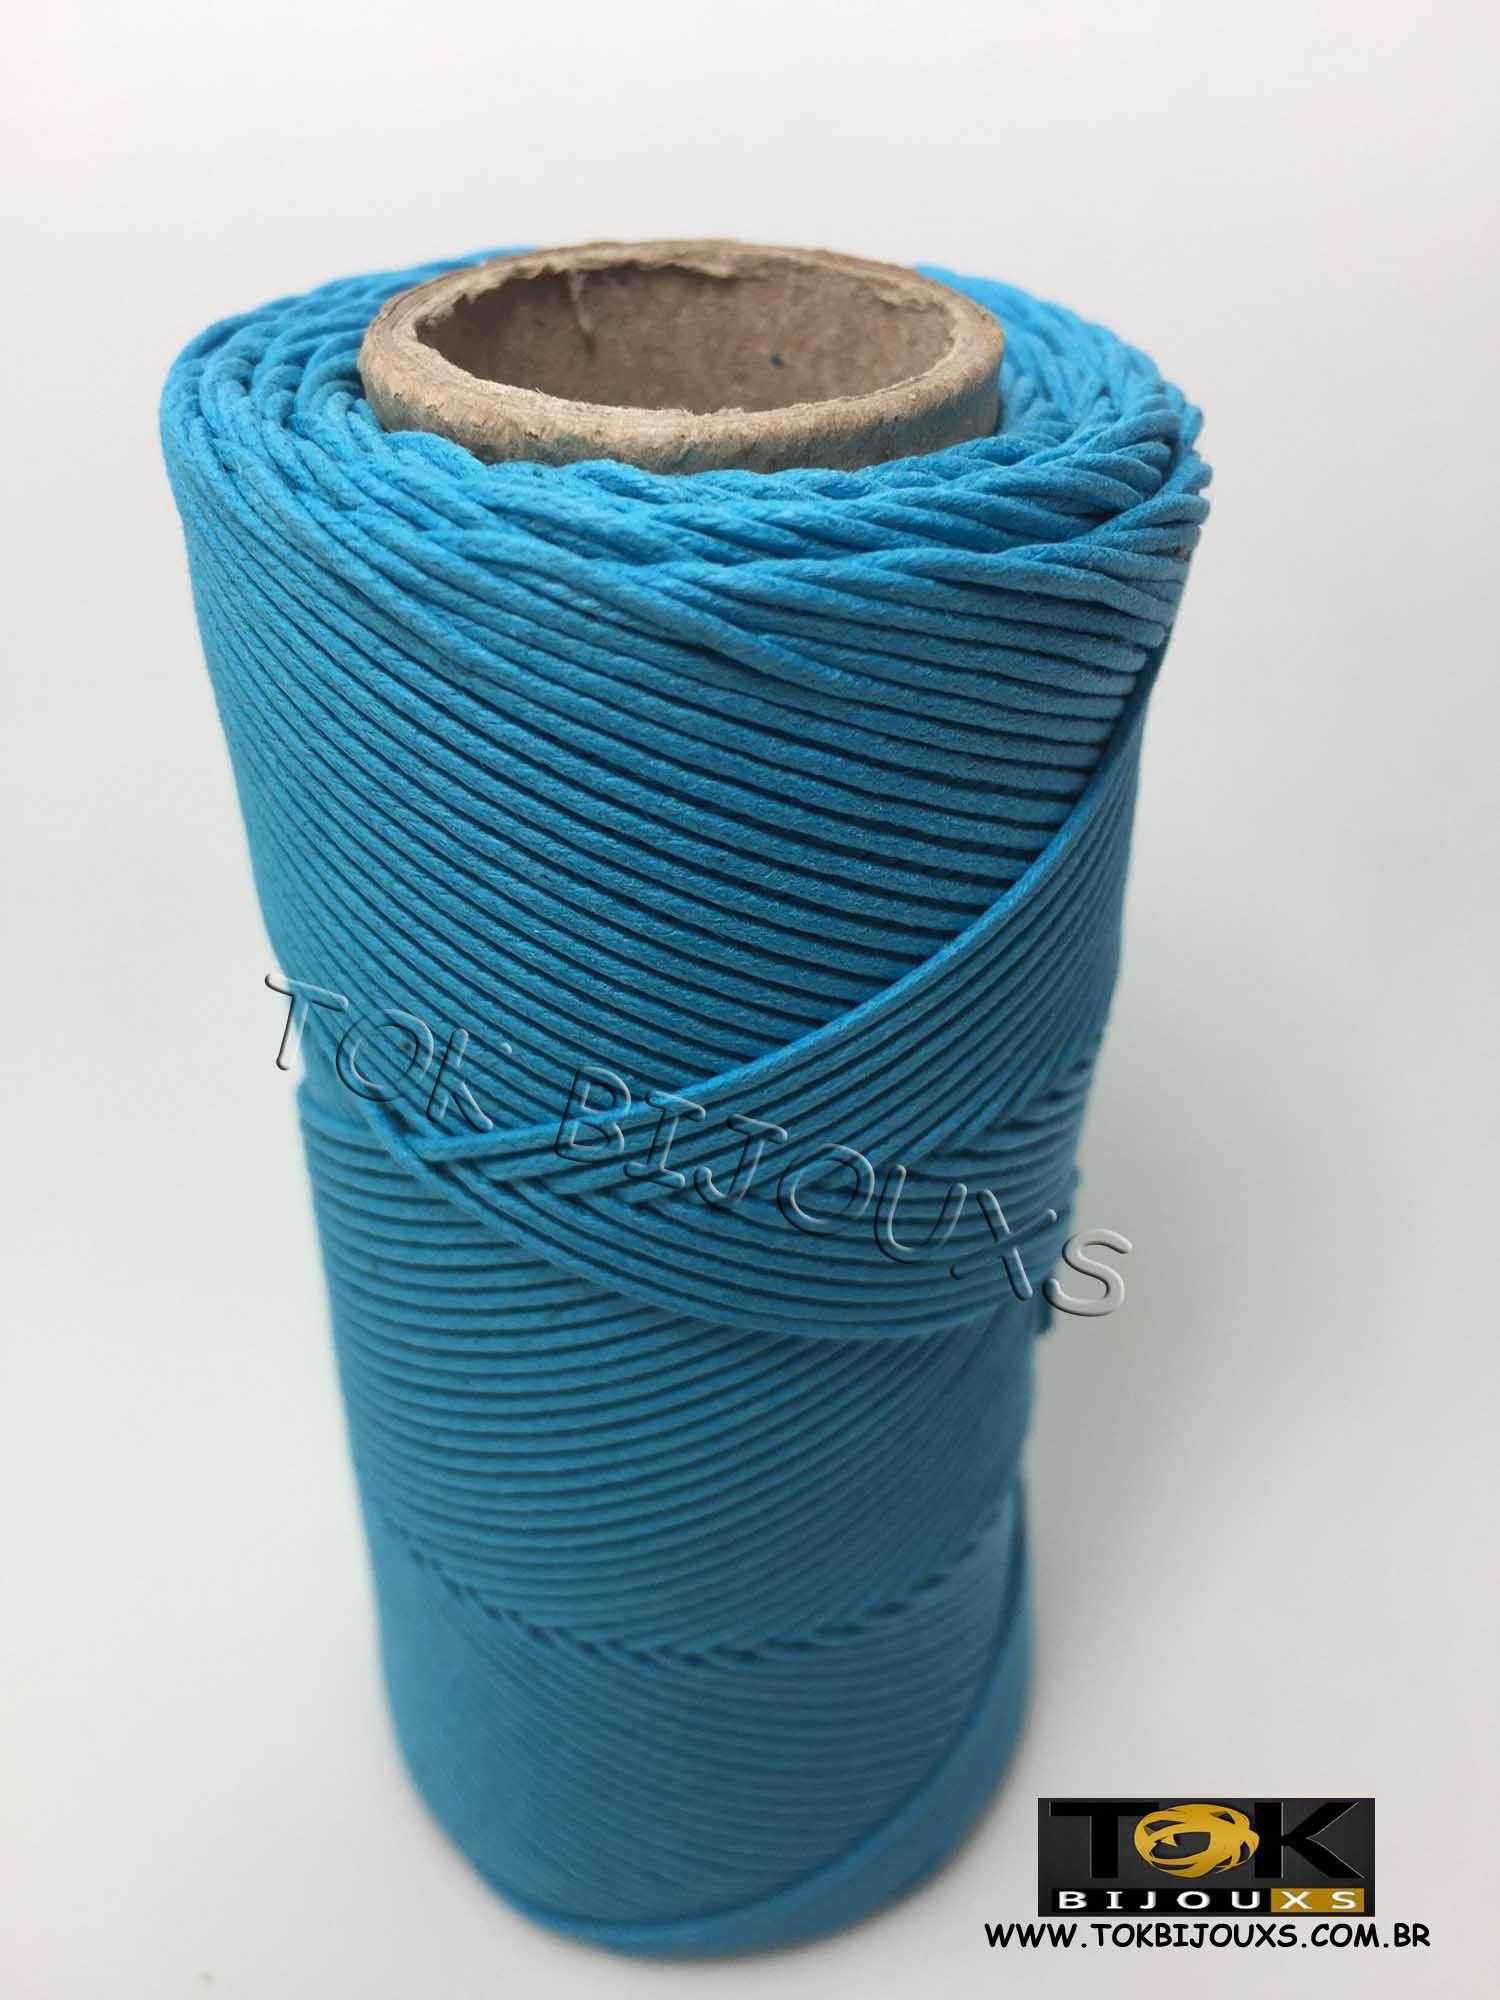 Cordão Encerado Algodão - 1mm - Azul Turquesa